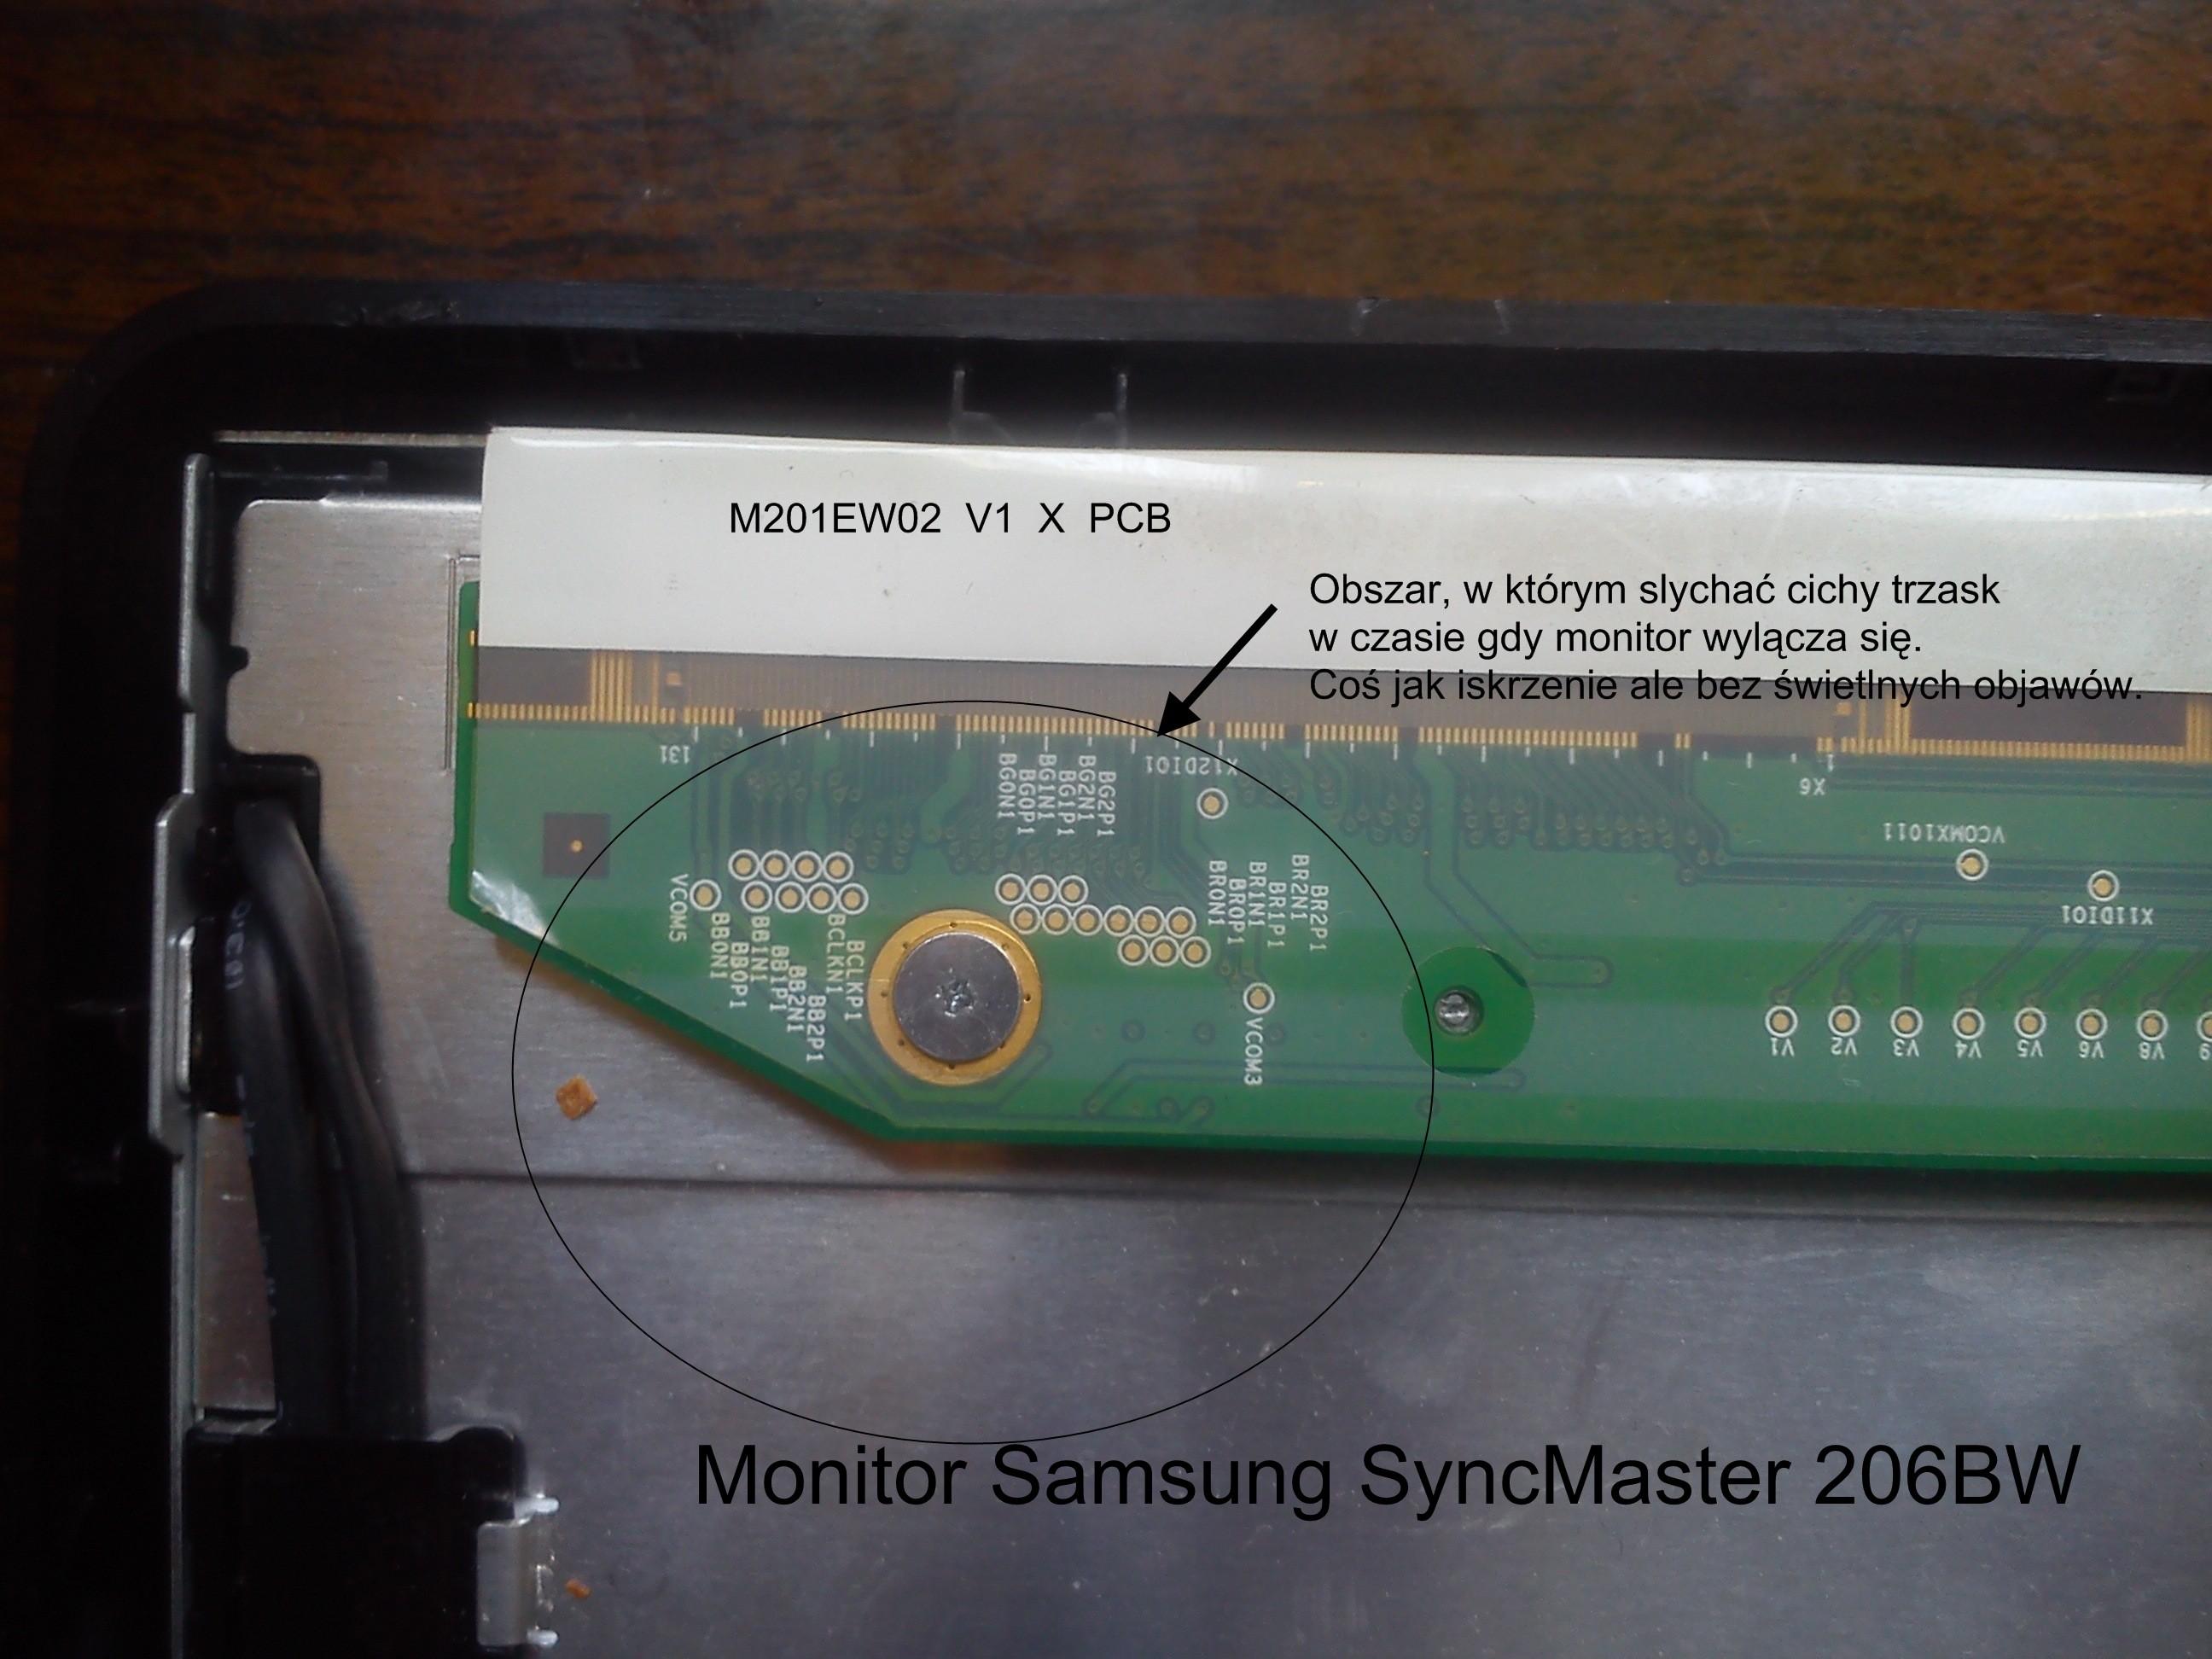 Monitor Samsung 206BW - Monitor po 1 sekundzie wy��cza si�